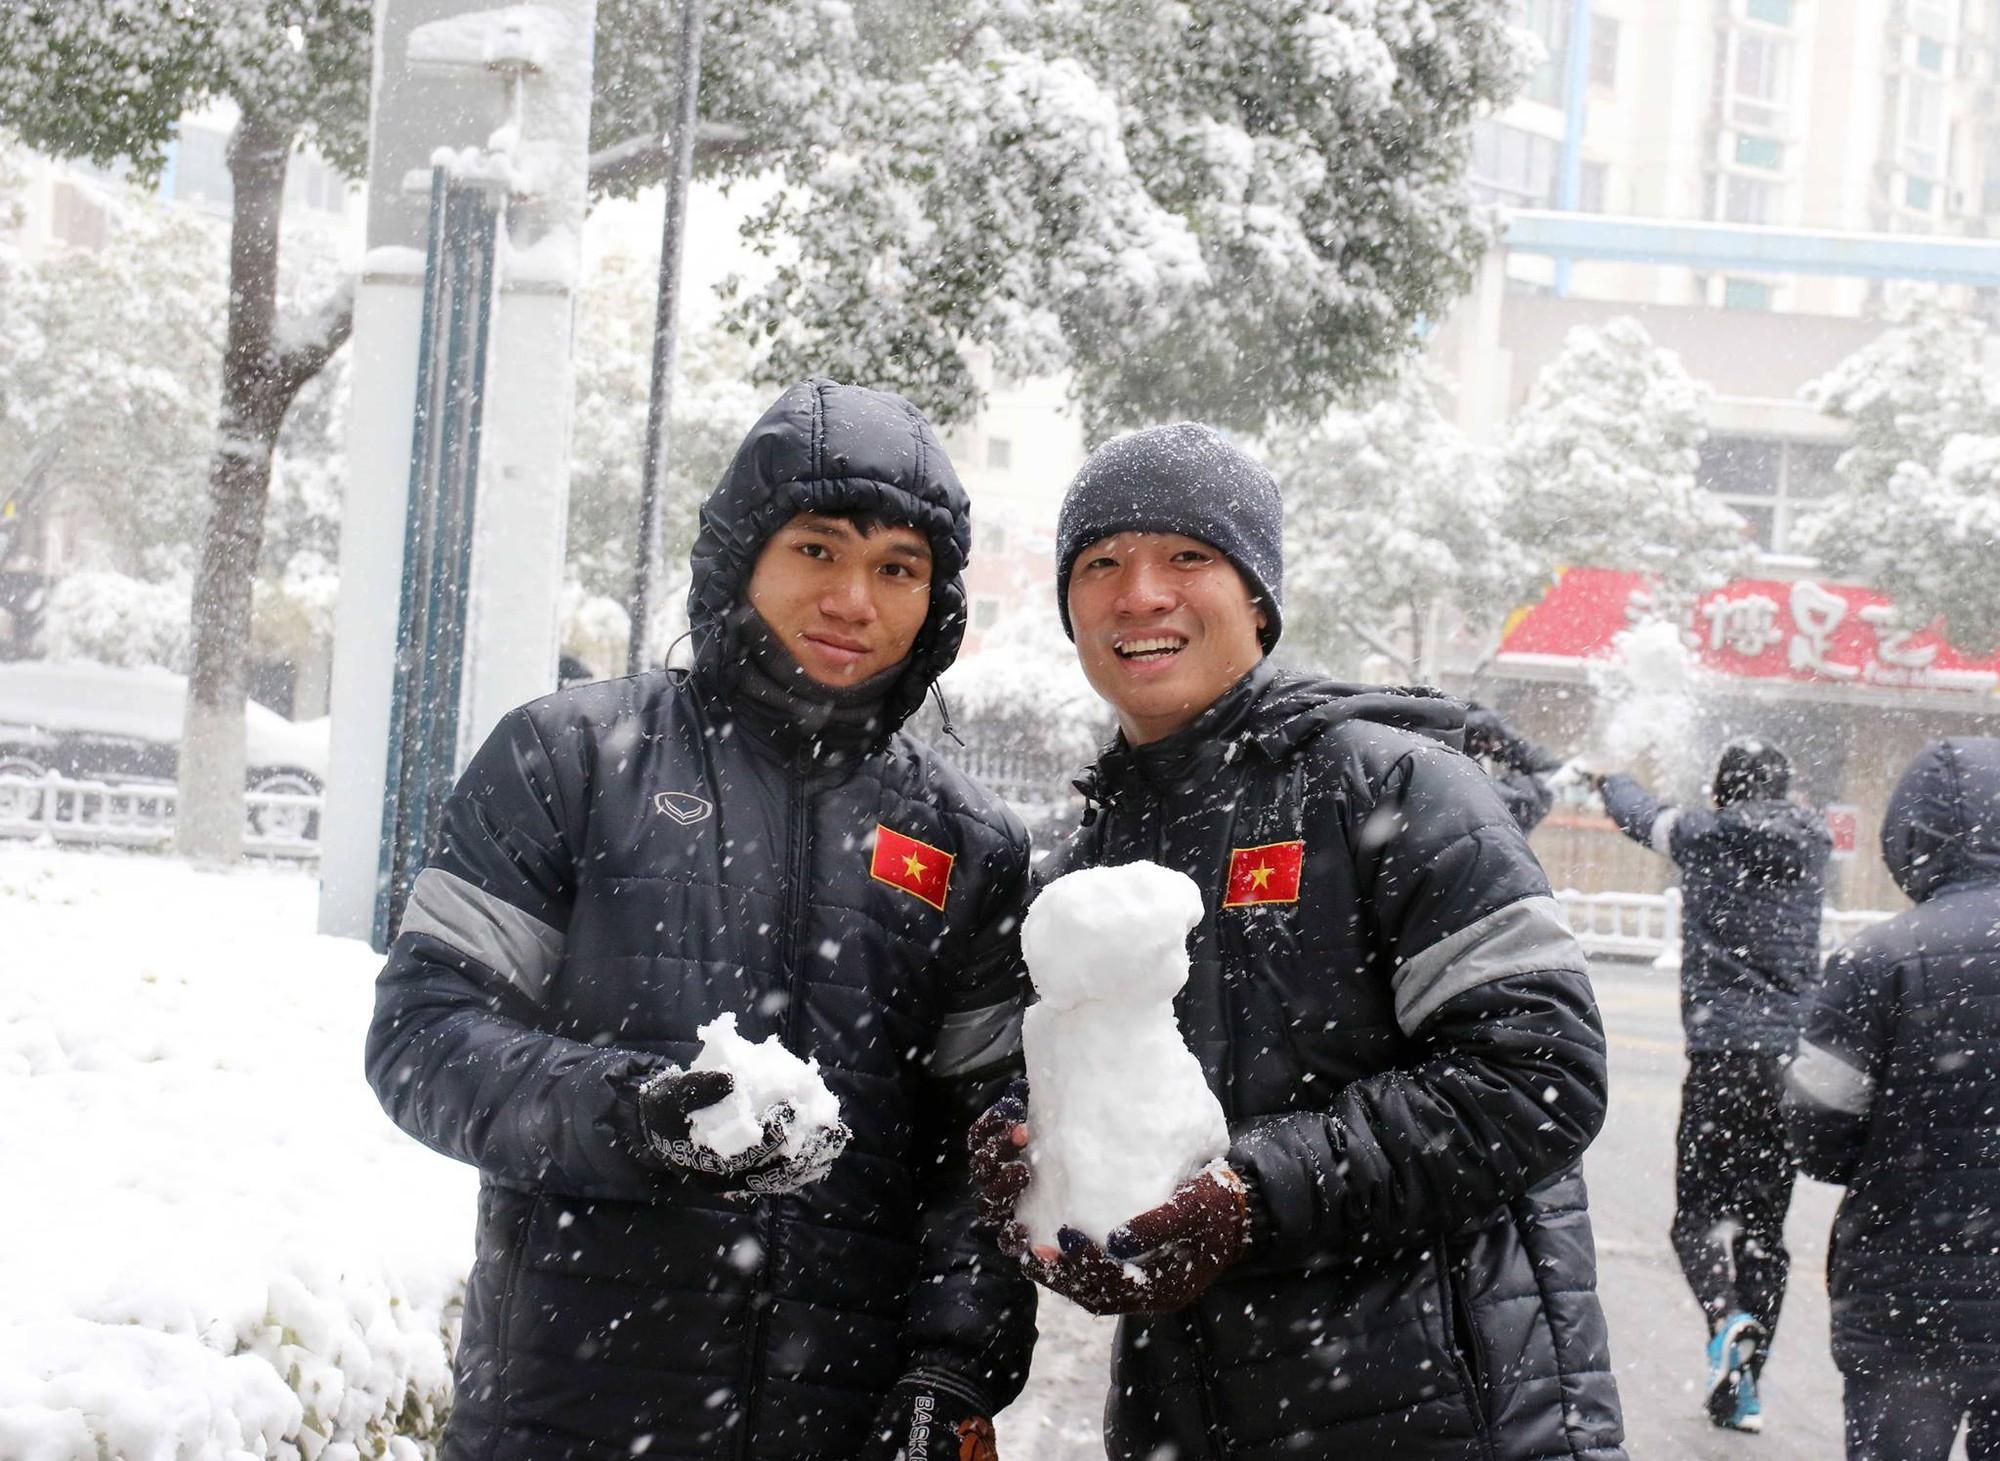 Nauyễn Xuân Mạnh và trung vệ Bùi Tiến Dũng ''cứng đơ'' bên ngoài khung cảnh tuyết rơi. Sáng nay, cả đội U23 Việt Nam được ra ngoài ngắm phố phường. Ảnh: VFF.